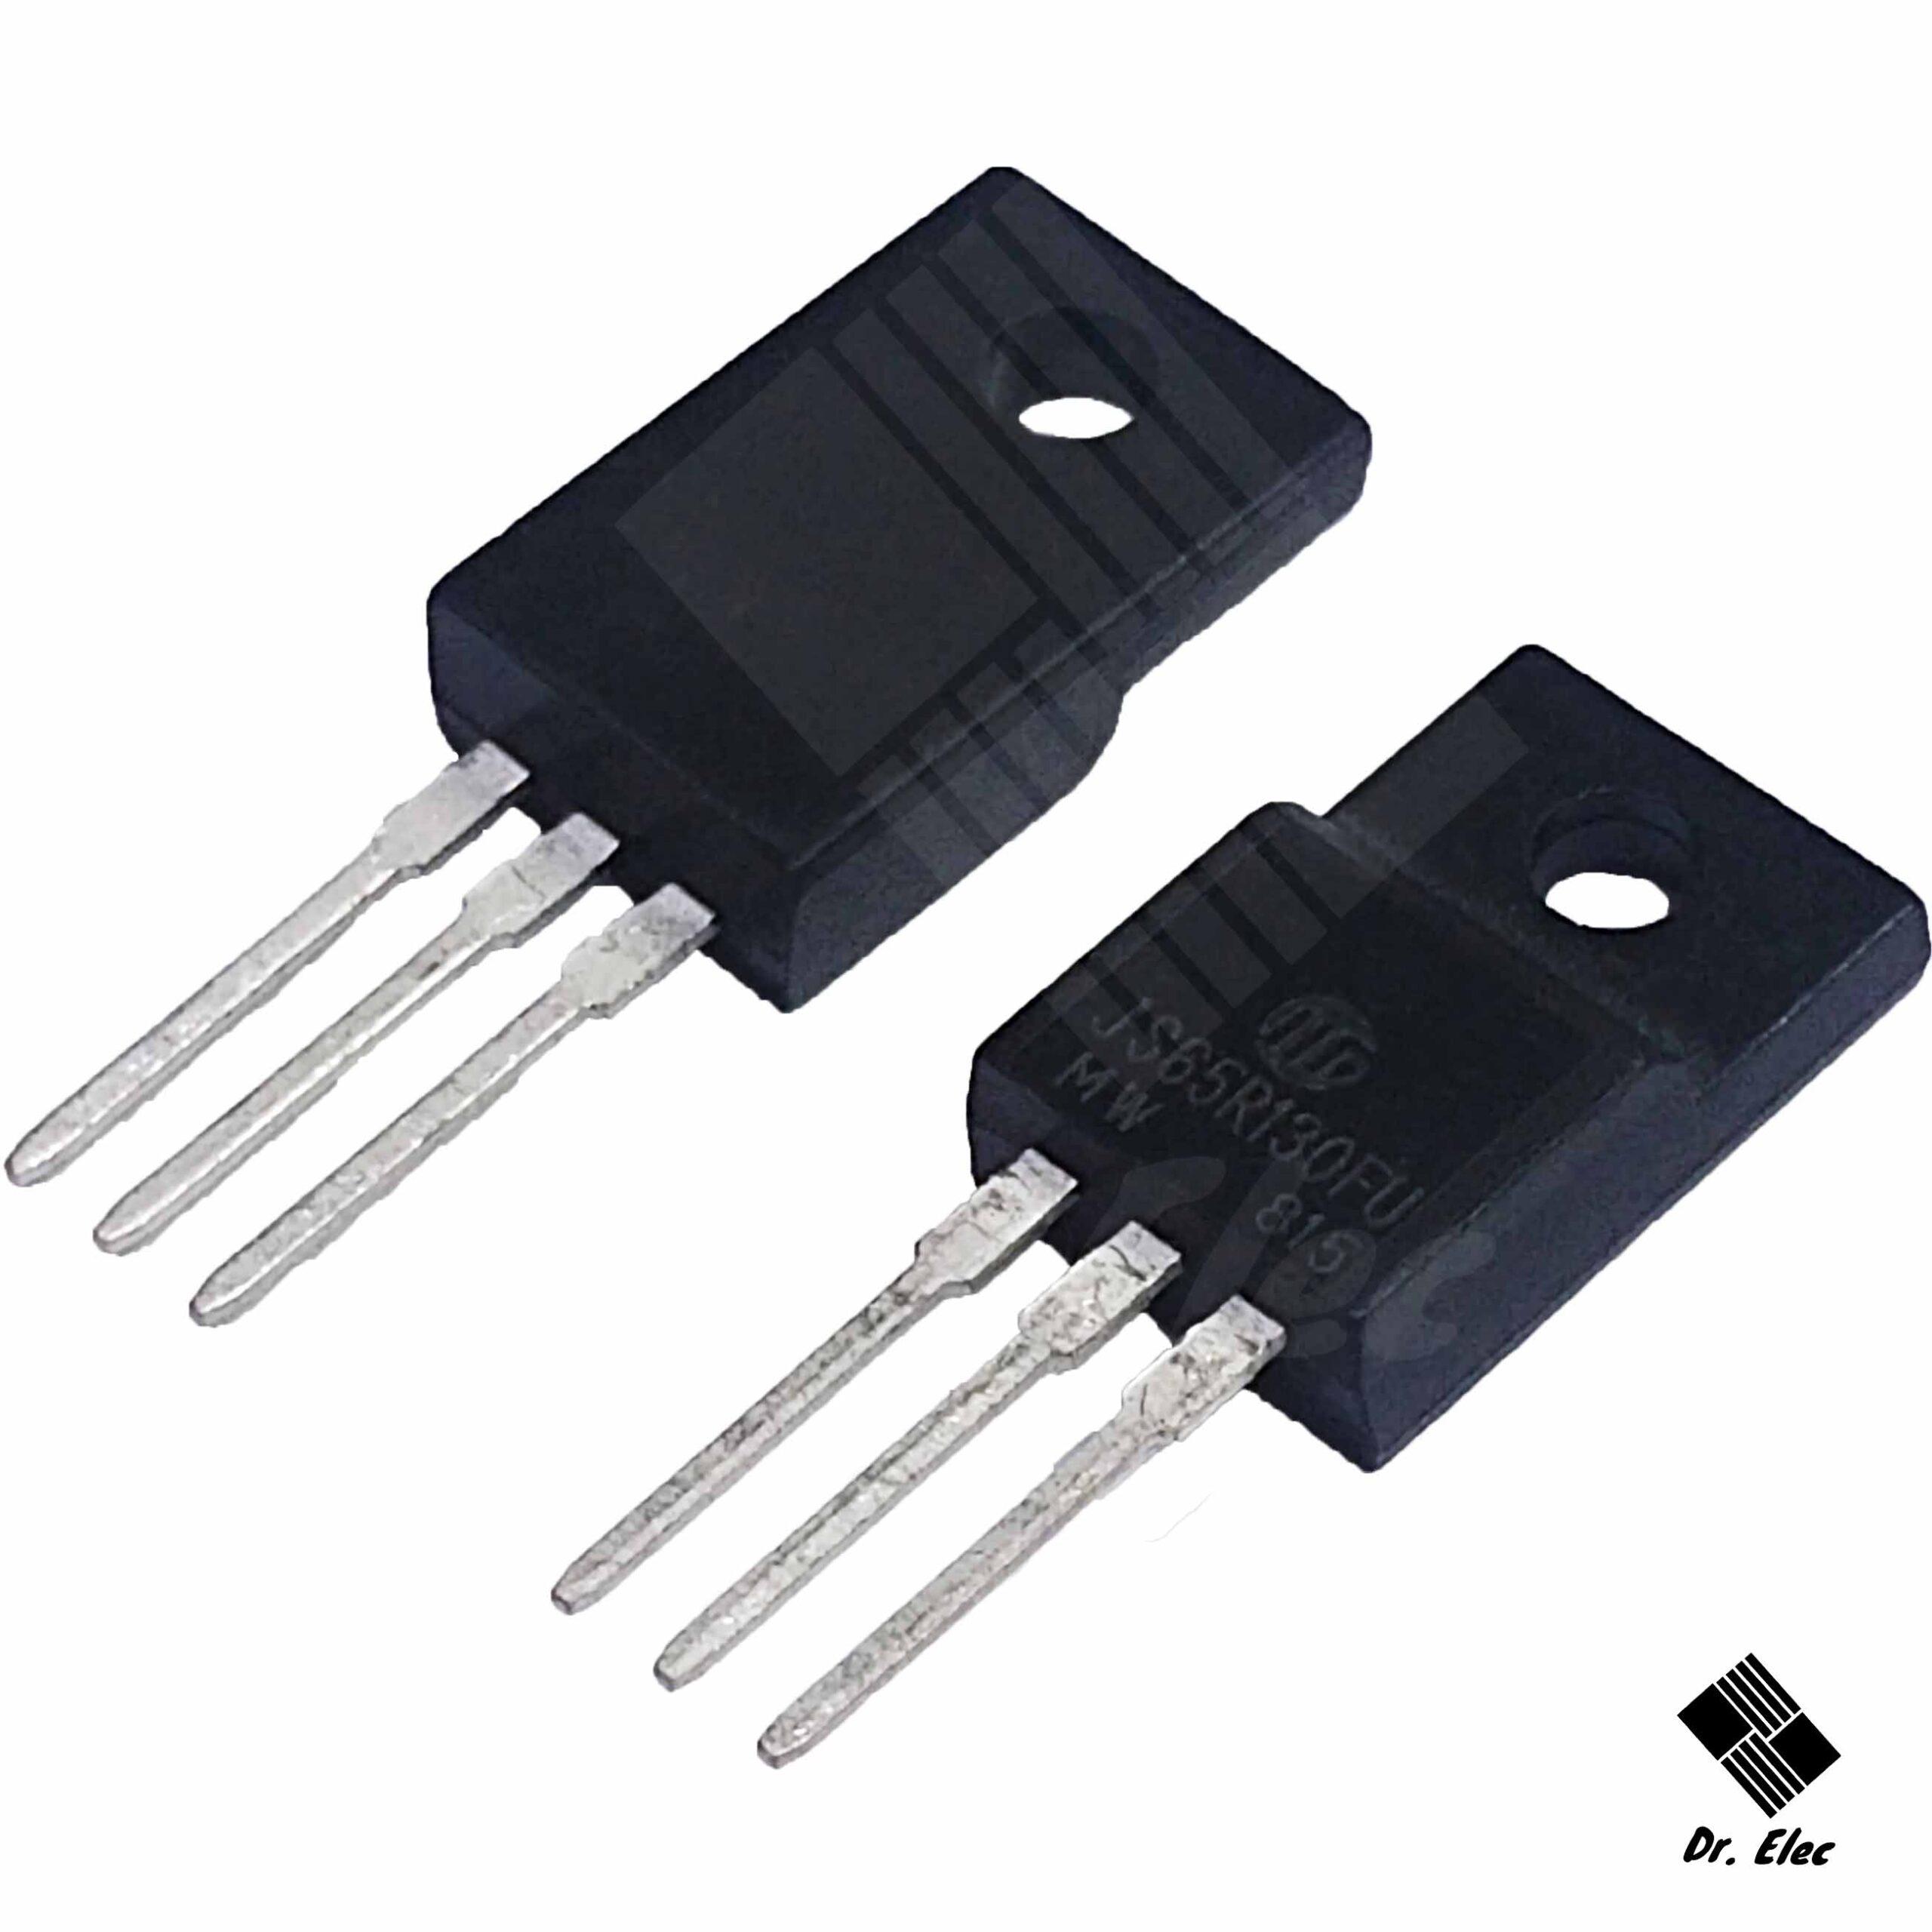 ماسفت JS65R130FU ترانزیستور JS65R130FU